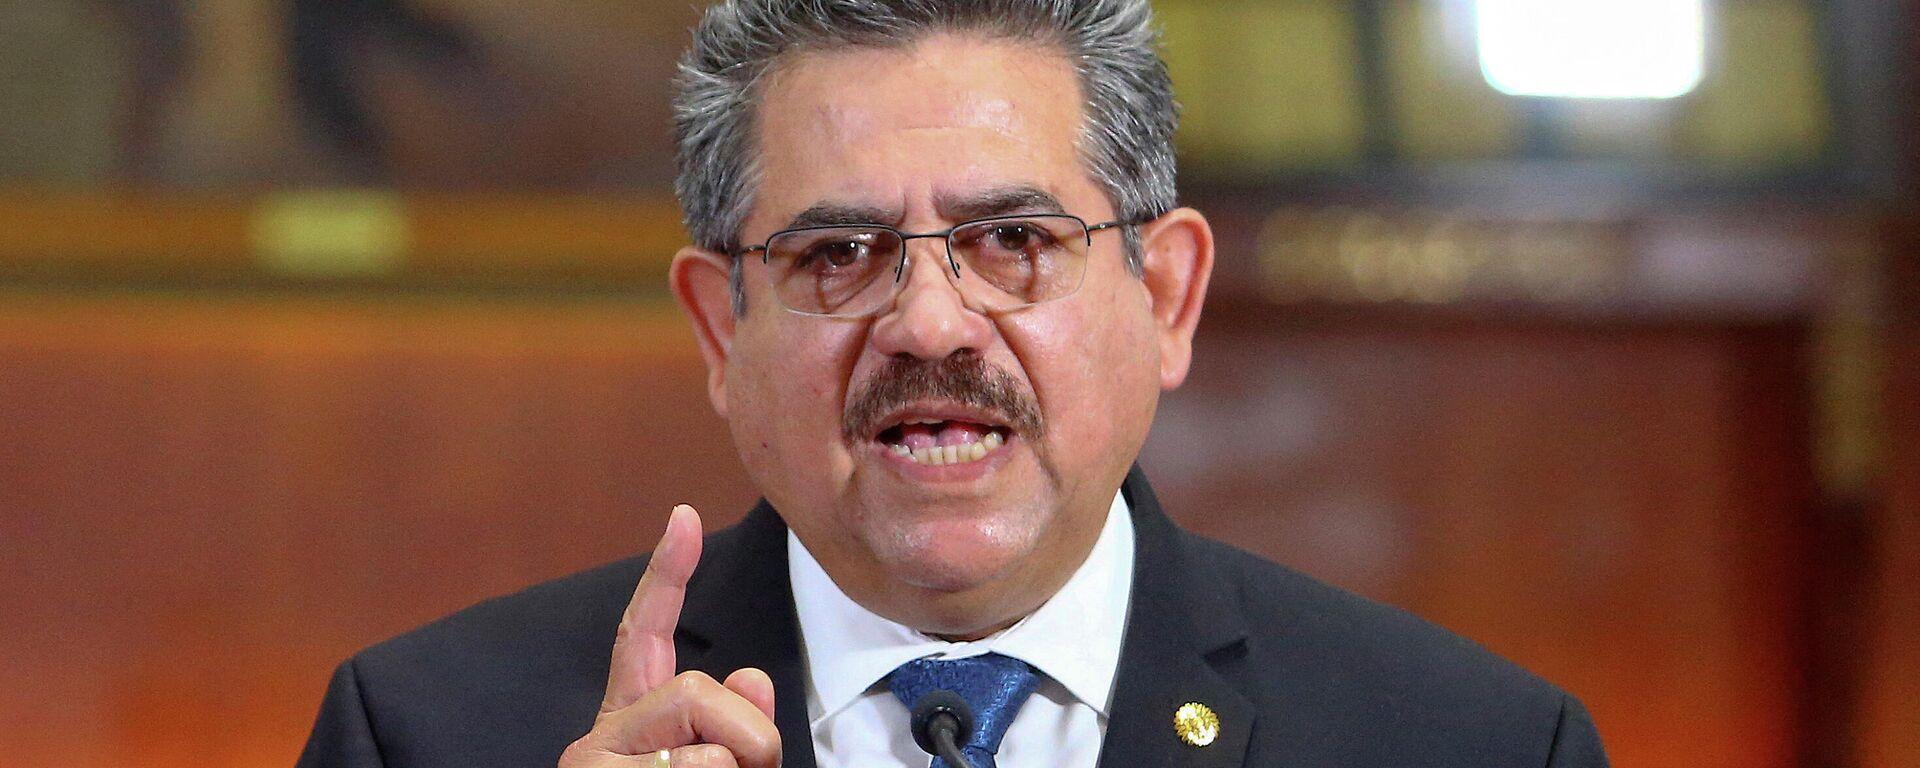 Manuel Merino, expresidente de Perú - Sputnik Mundo, 1920, 27.08.2021